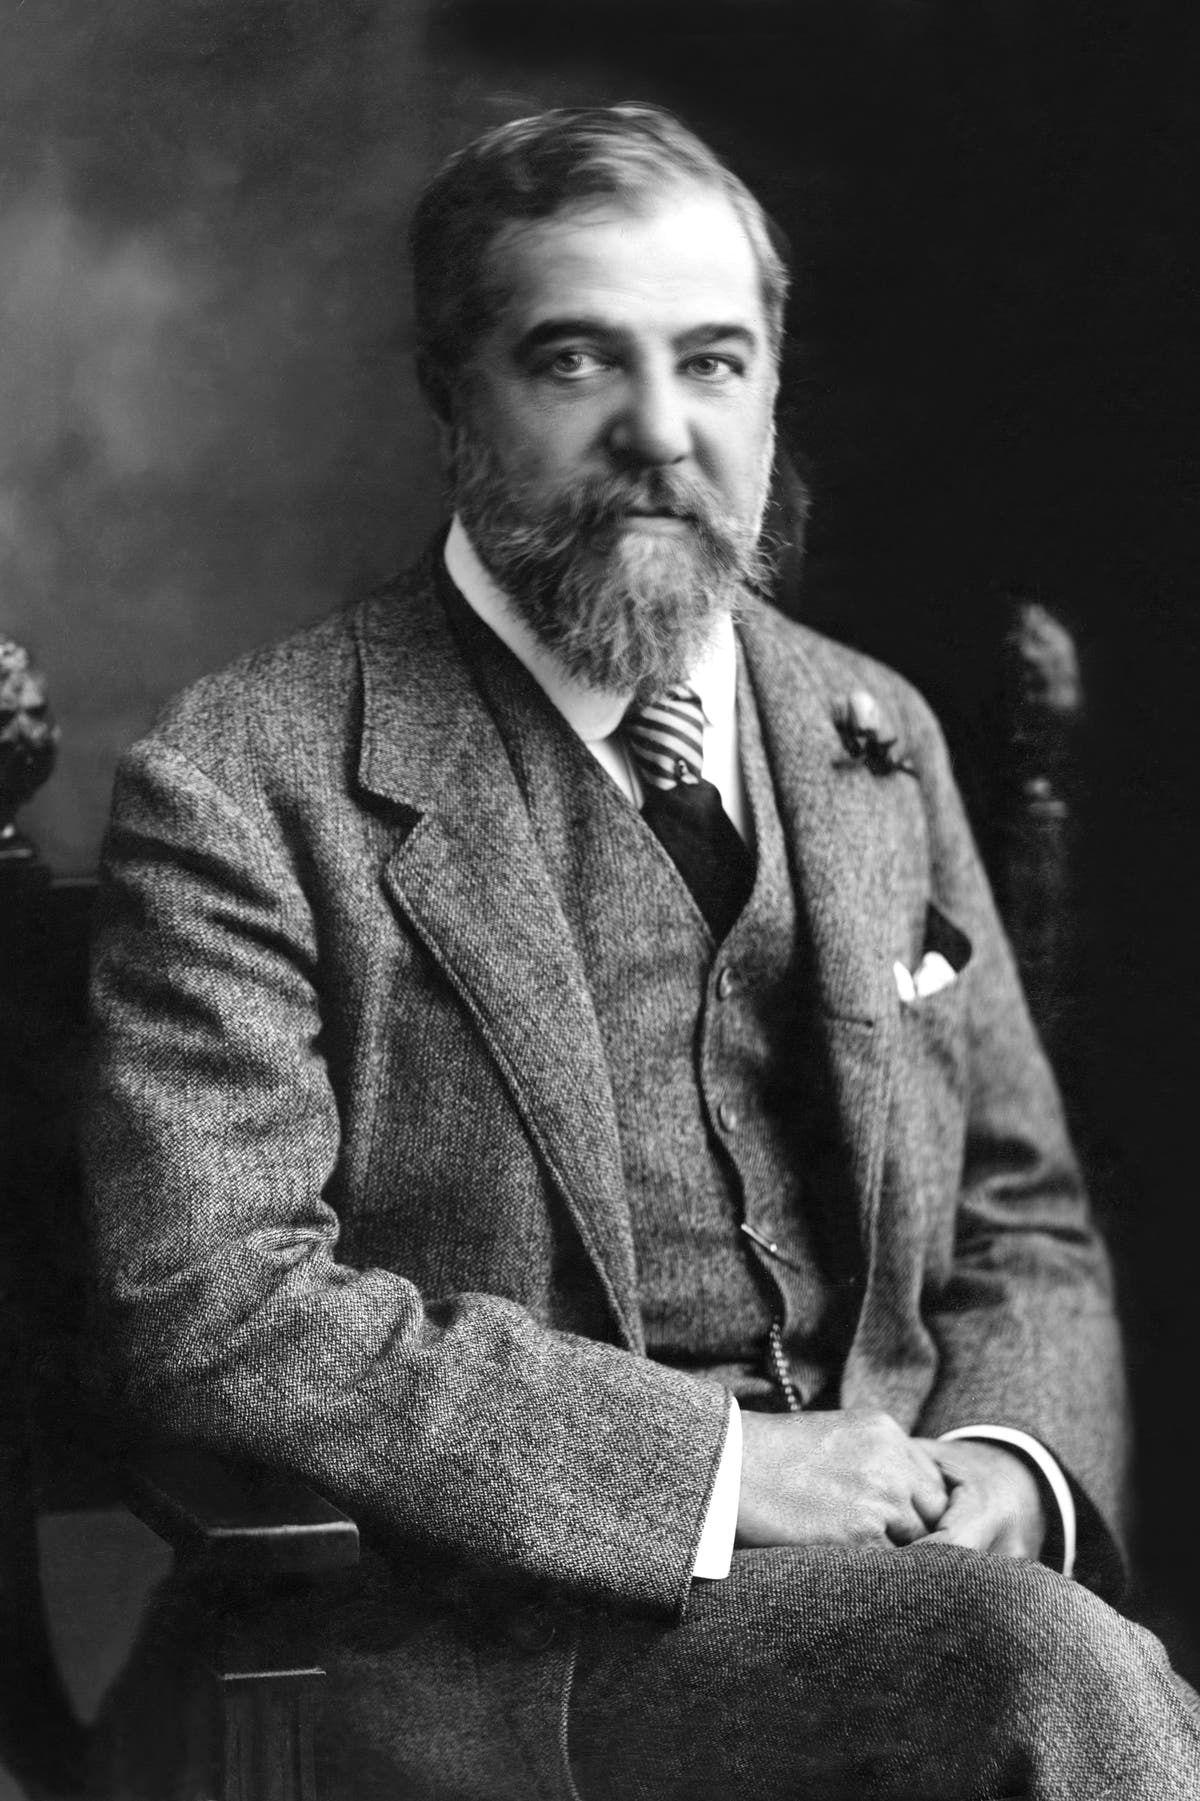 Луис Комфорт Тиффани, 1913.